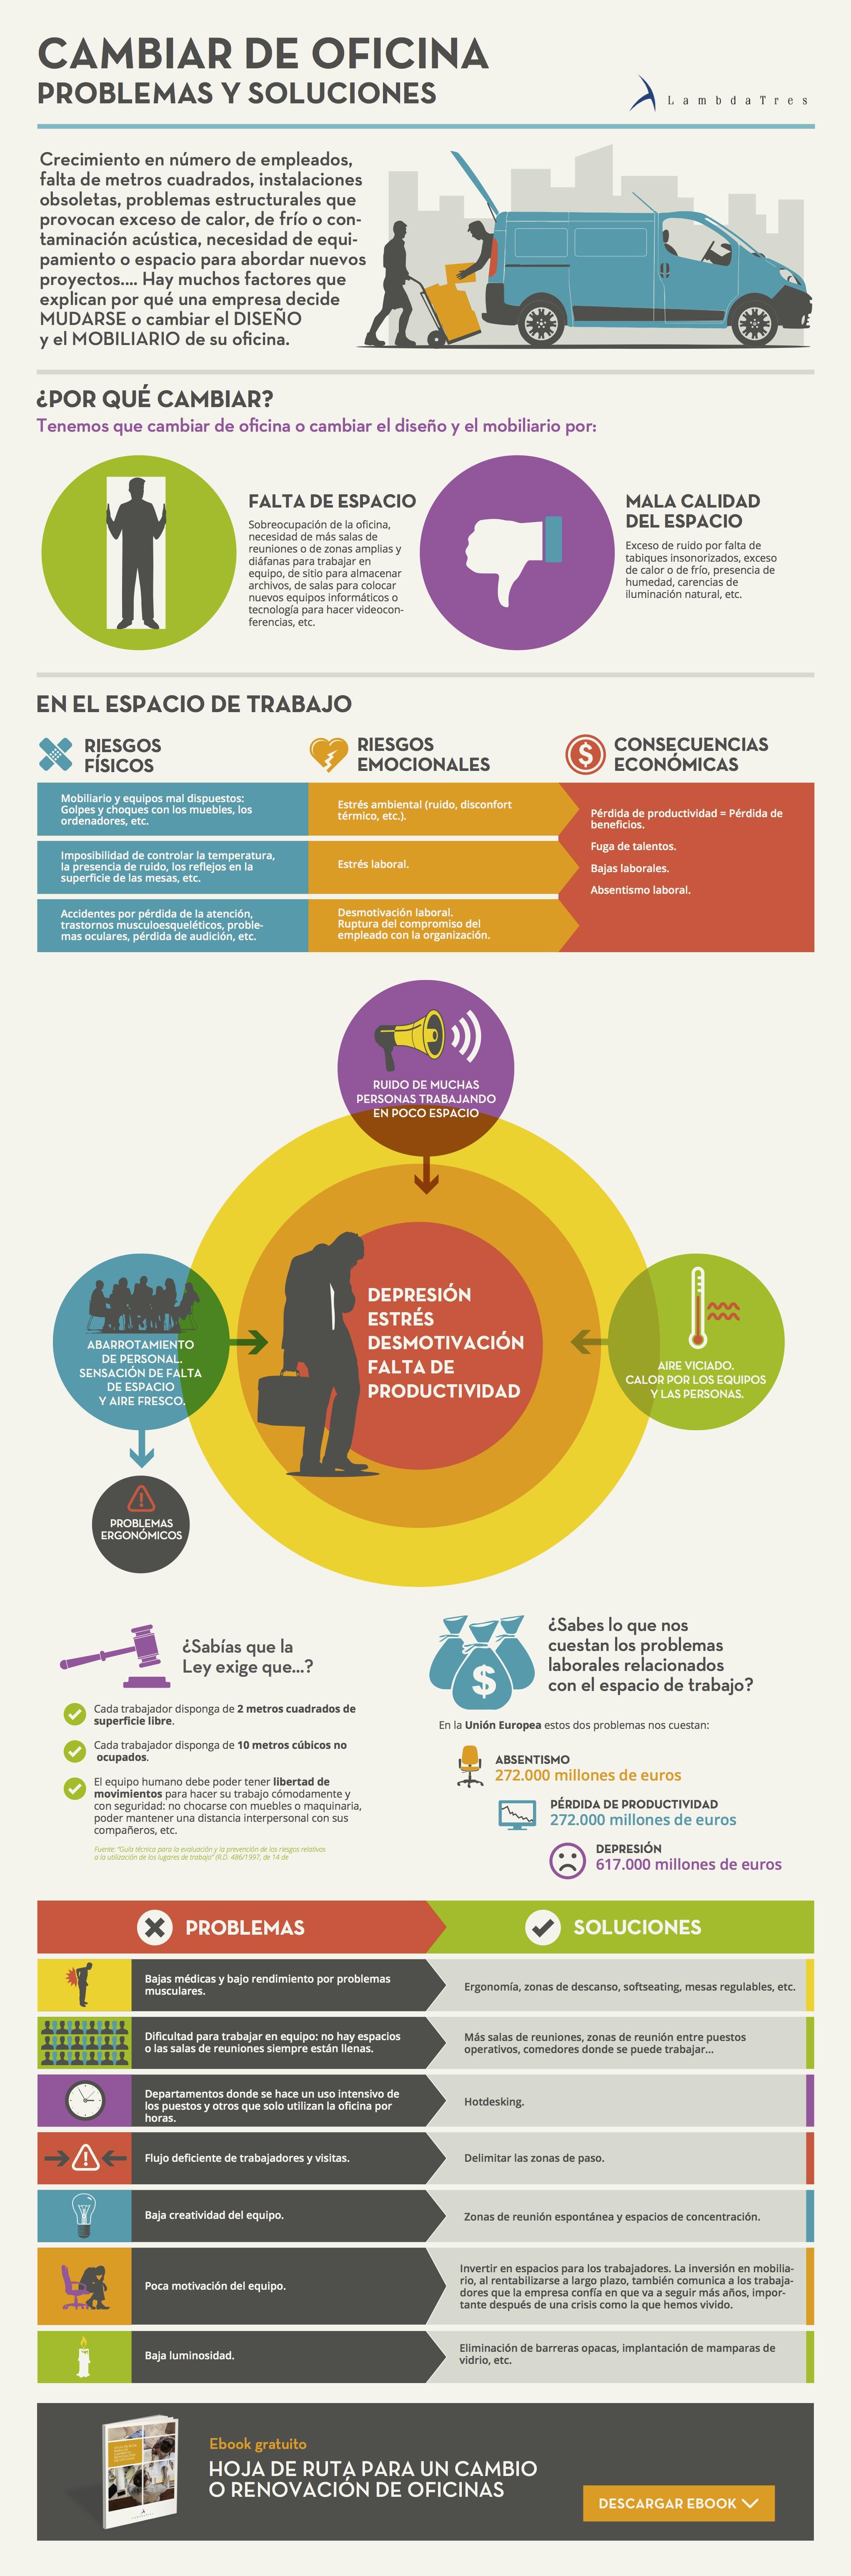 Cambiar de Oficina: problemas y soluciones #infografia #infographic #rrhh